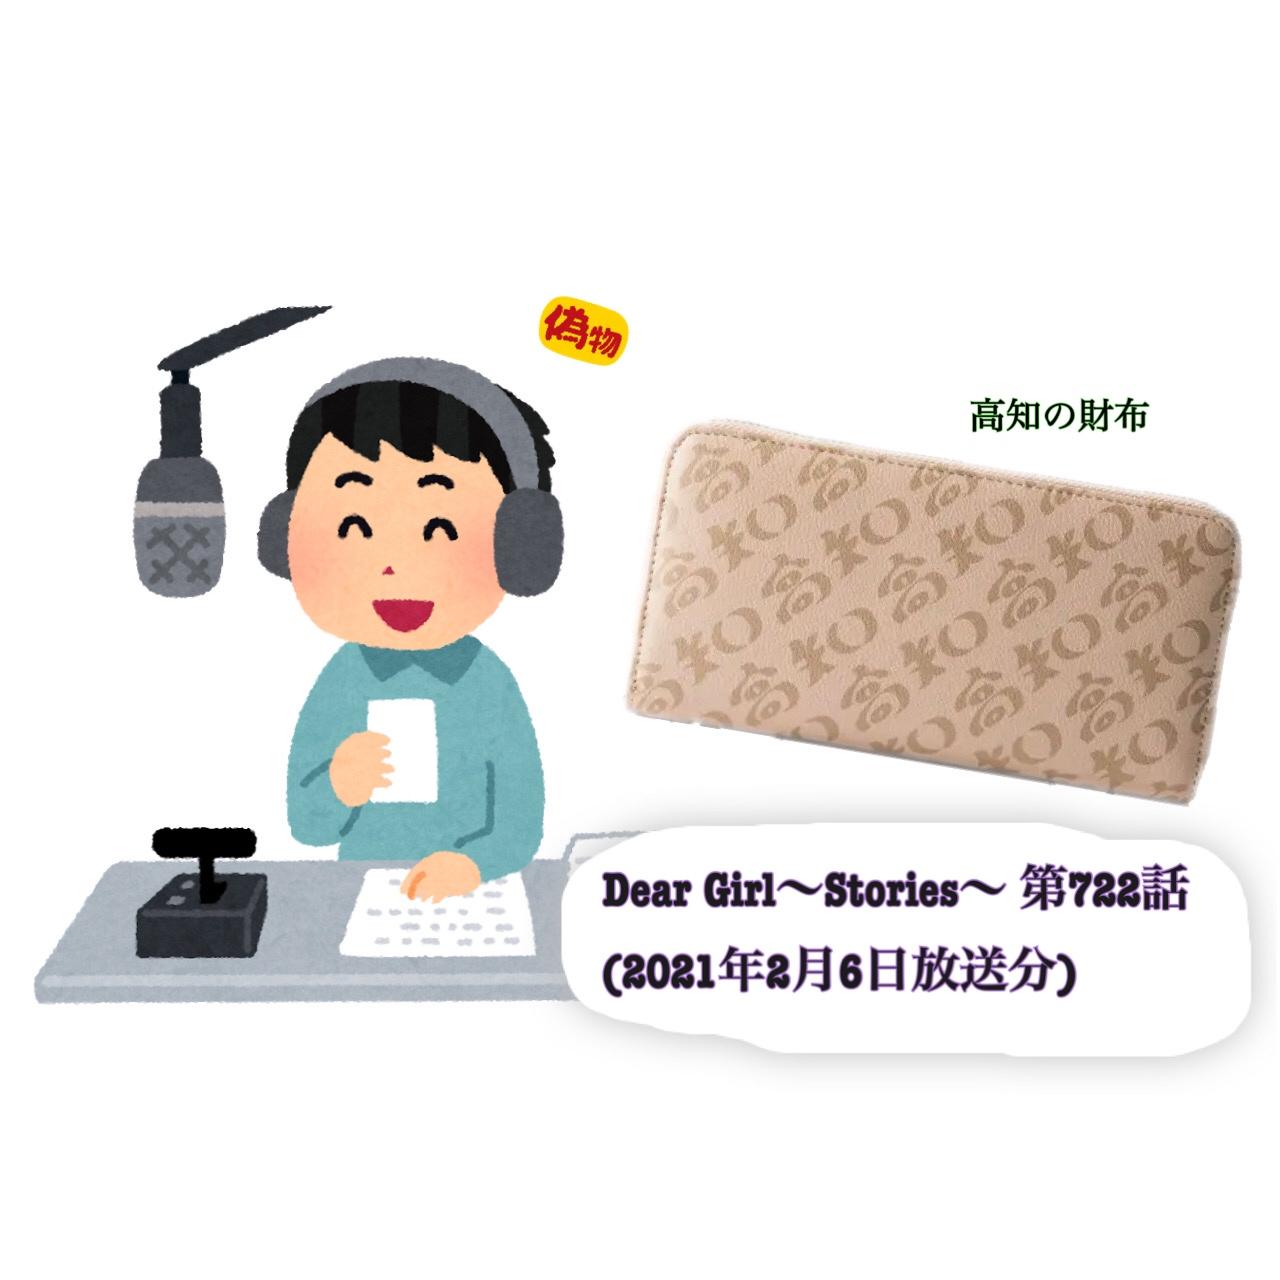 神谷浩史さん小野大輔さんのラジオ 再び登場❗️